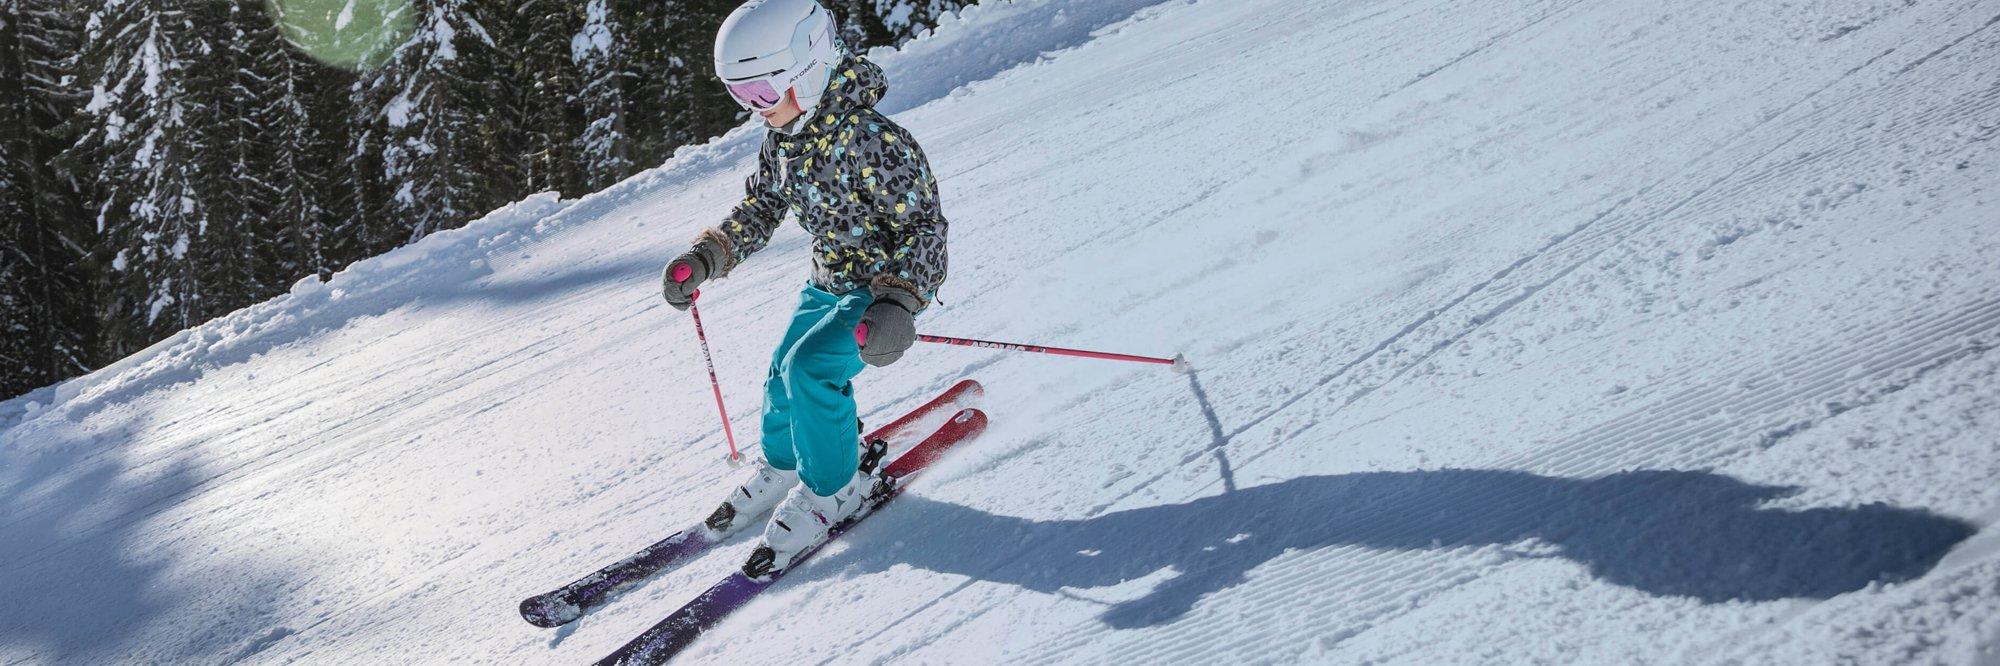 Kids alpine ski bindings from Atomic, Marker, Salomon, for sale in West Seattle, WA